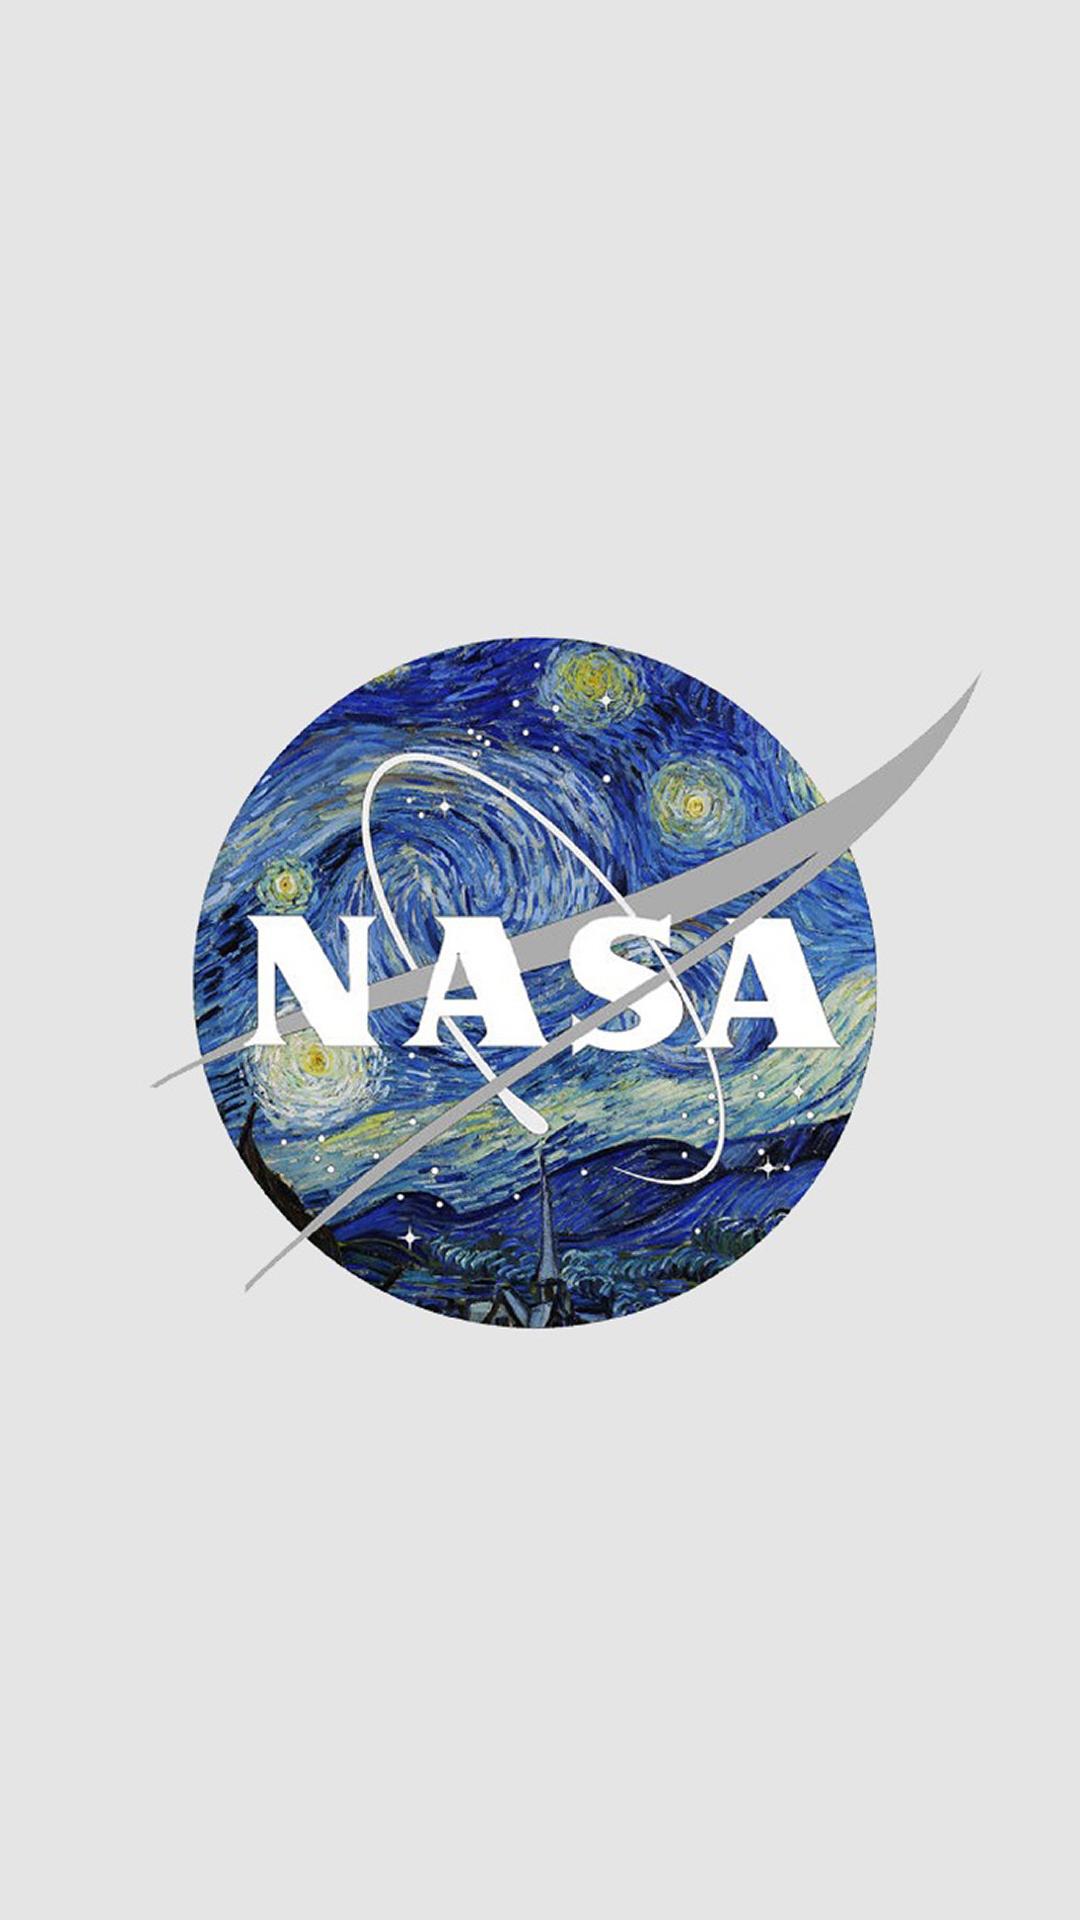 名画logo 创意壁纸